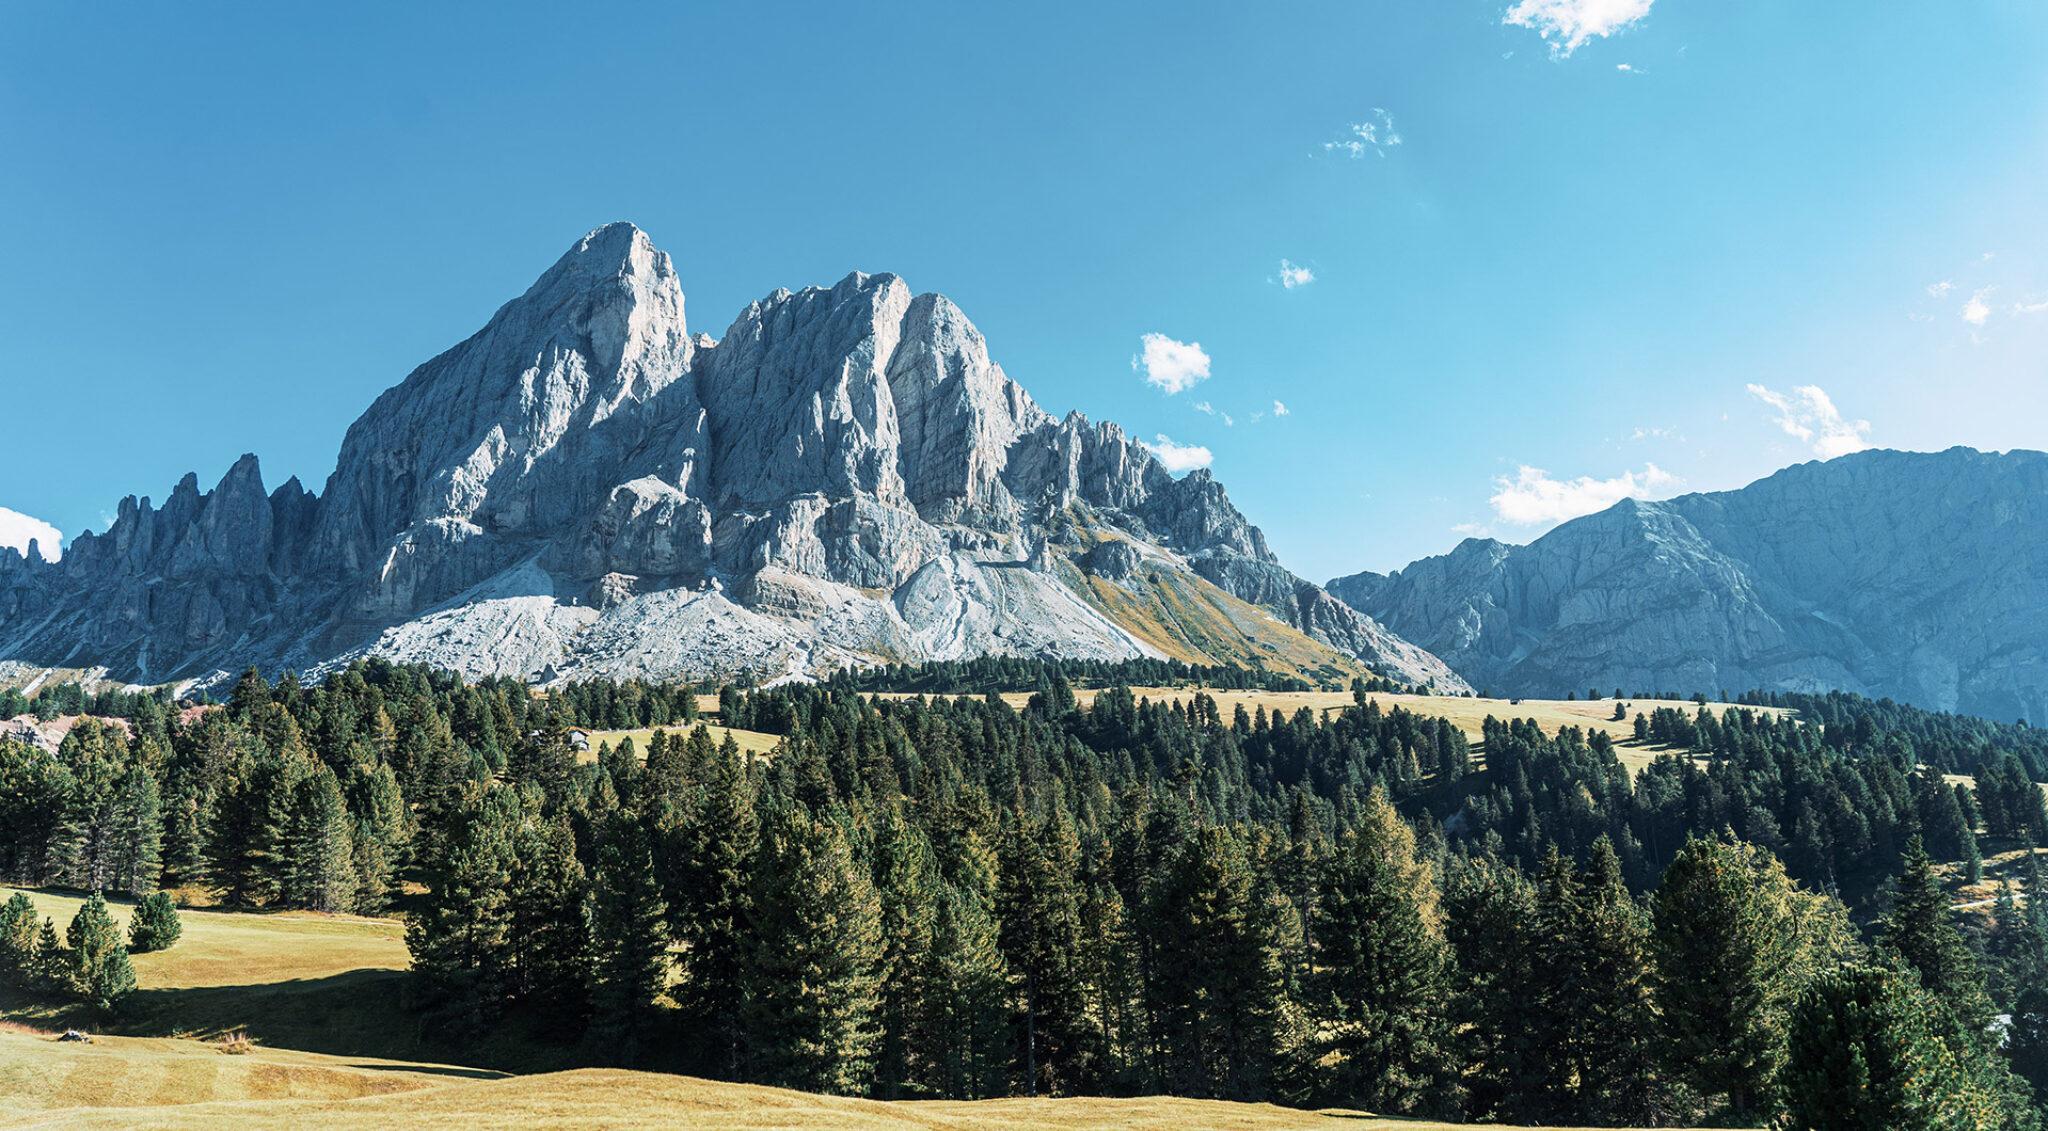 Landschaft mit Bergen und Wiesen.